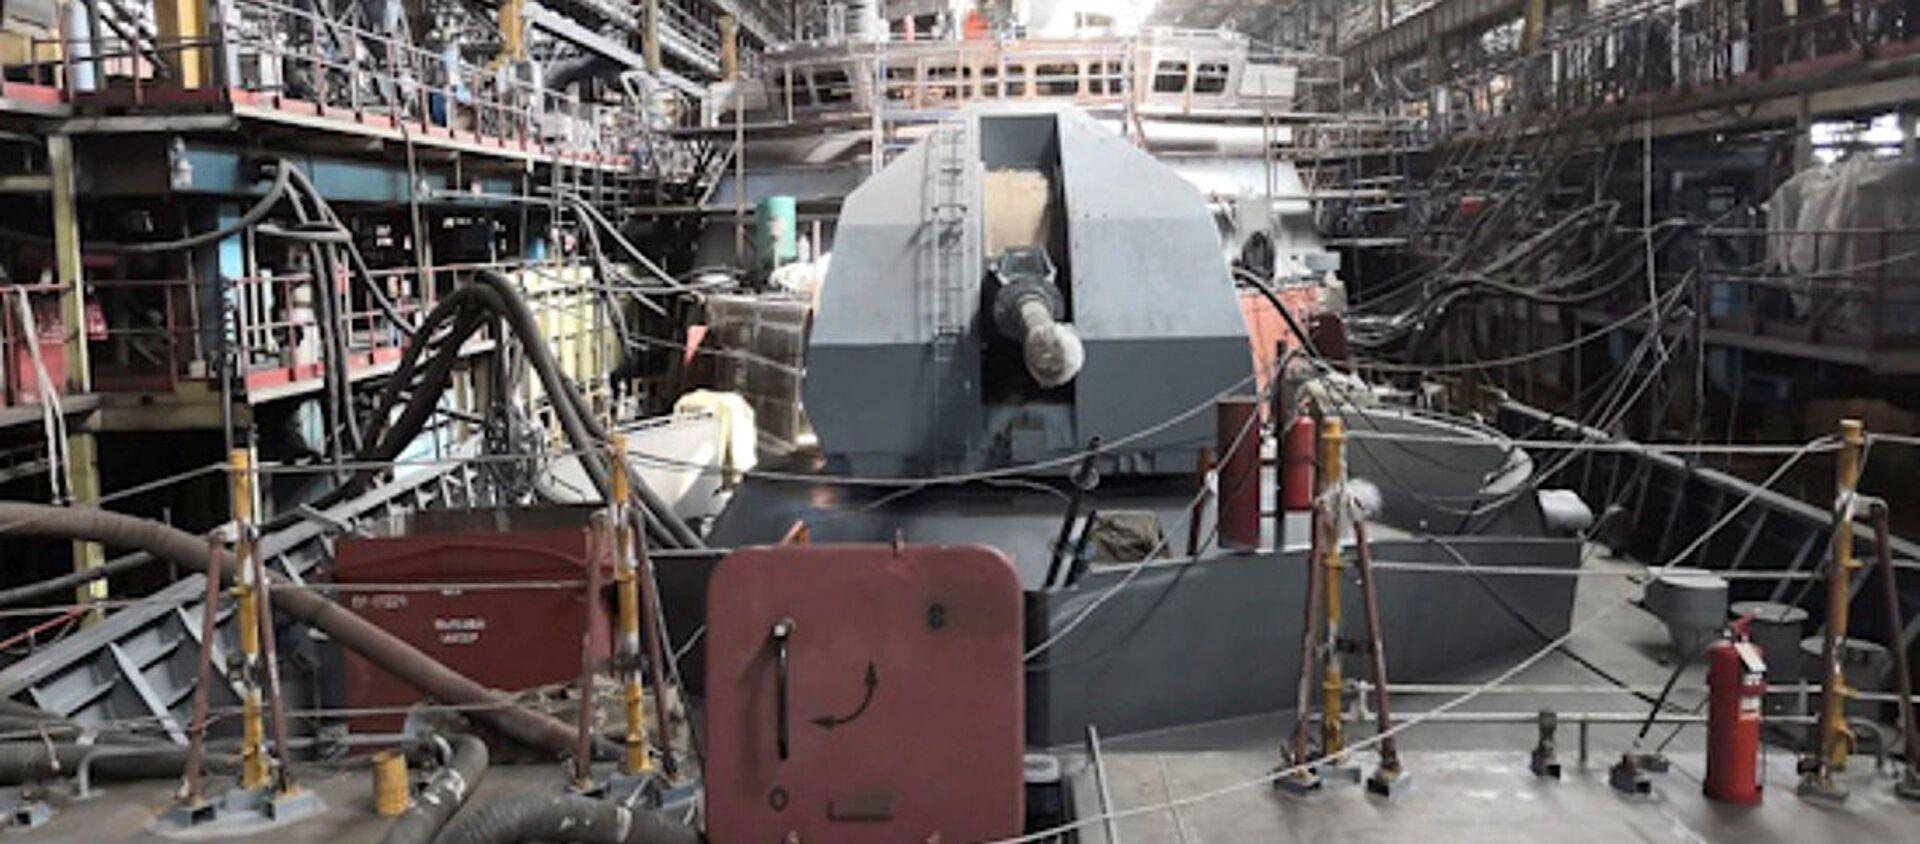 Hạm đội Nga sẽ nhận được tàu hộ tống Rezkiy với khả năng nhìn thấy tất cả - Sputnik Việt Nam, 1920, 29.01.2021